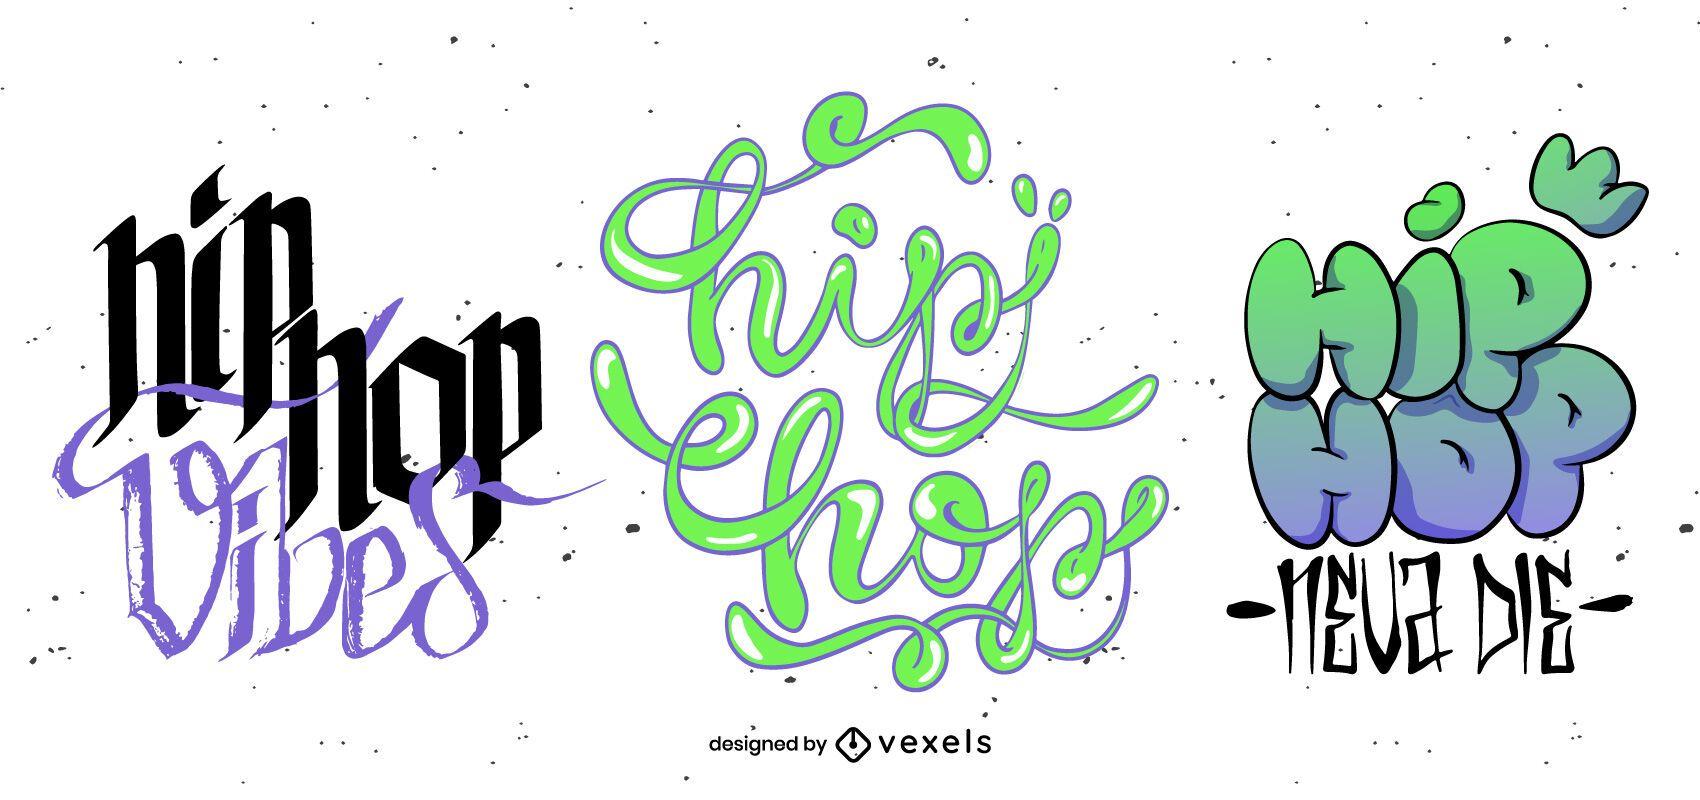 Diseño de escenografía de letras hip hop